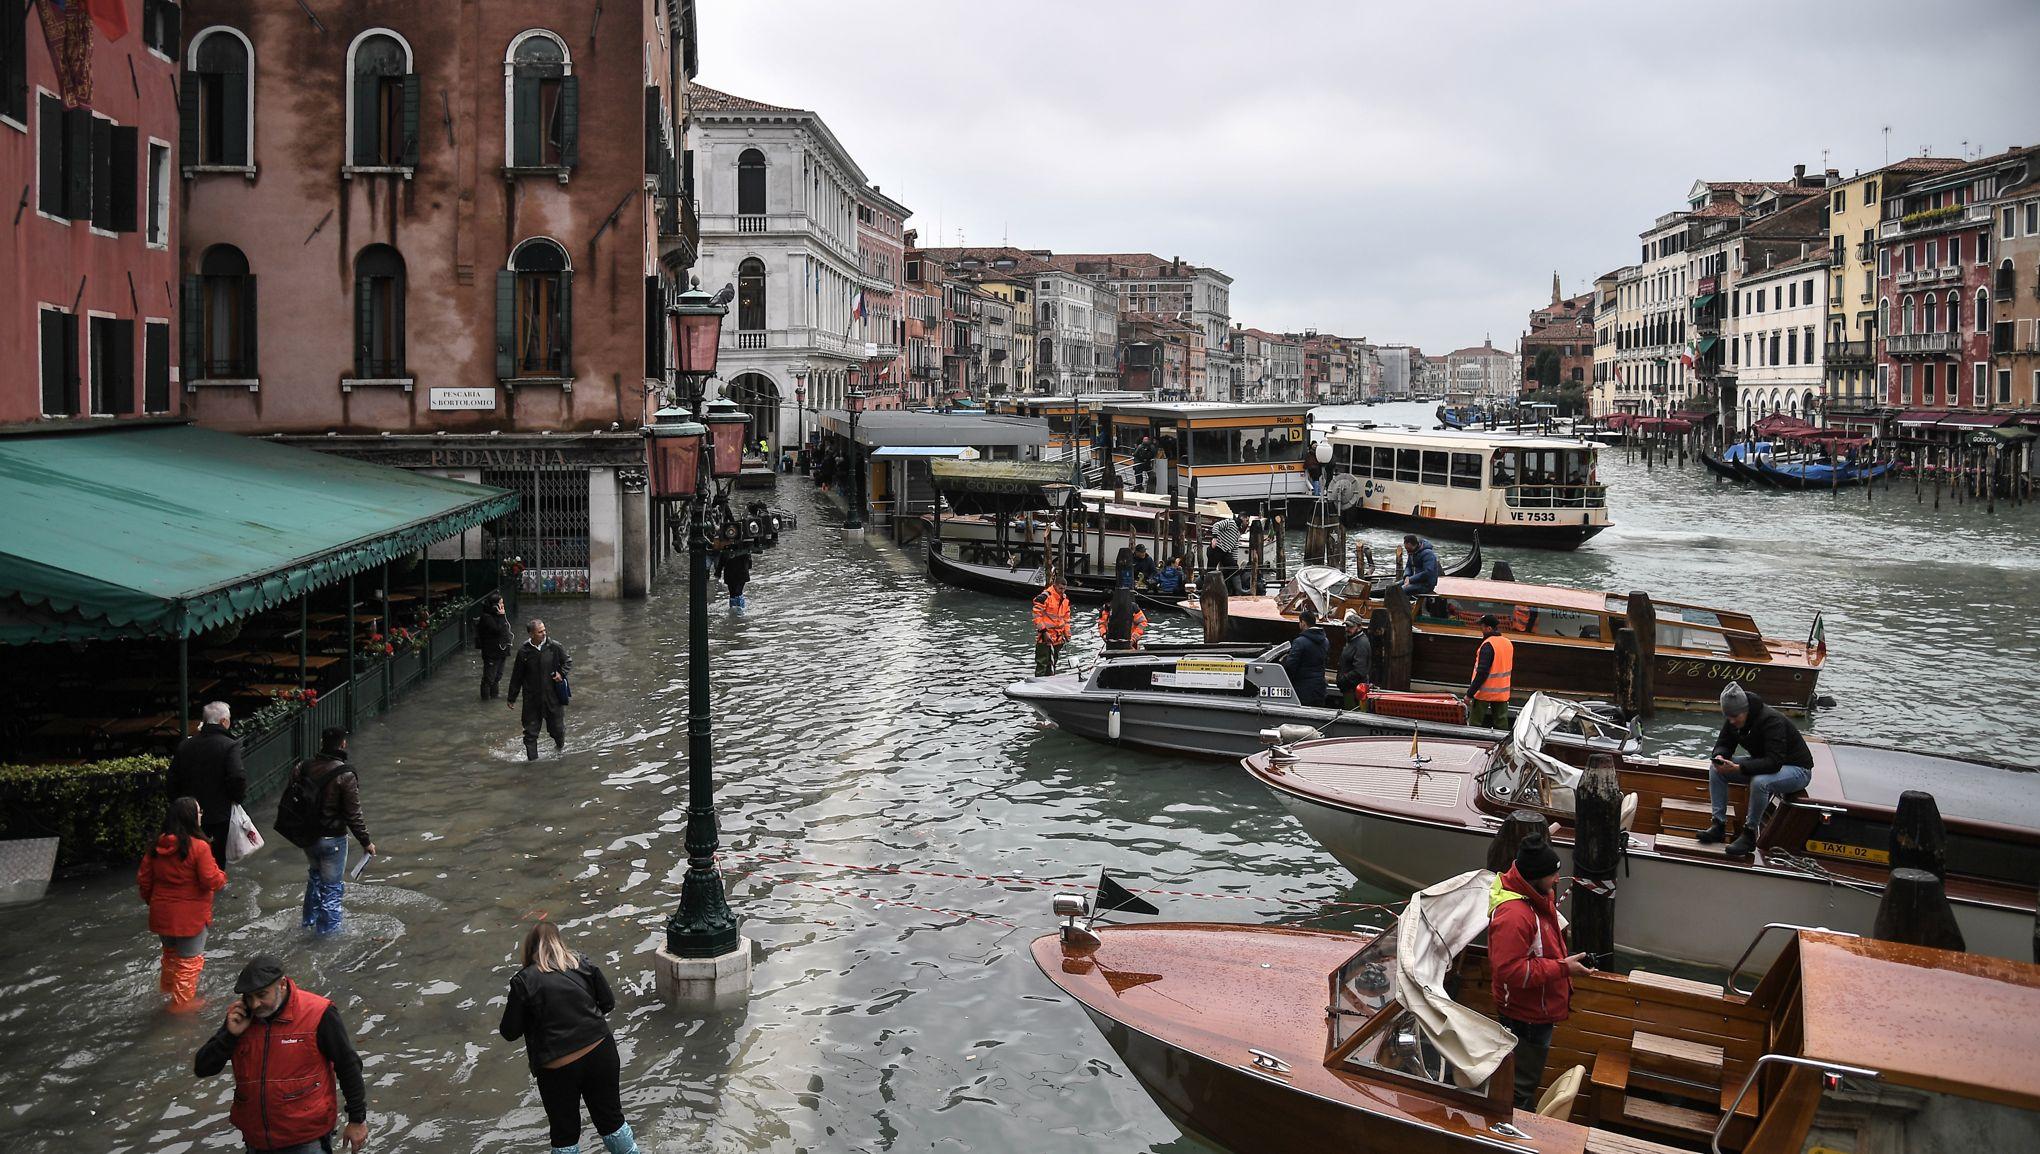 «Acqua alta» à Venise: une partition de la main de Vivaldi sauvée des eaux de justesse